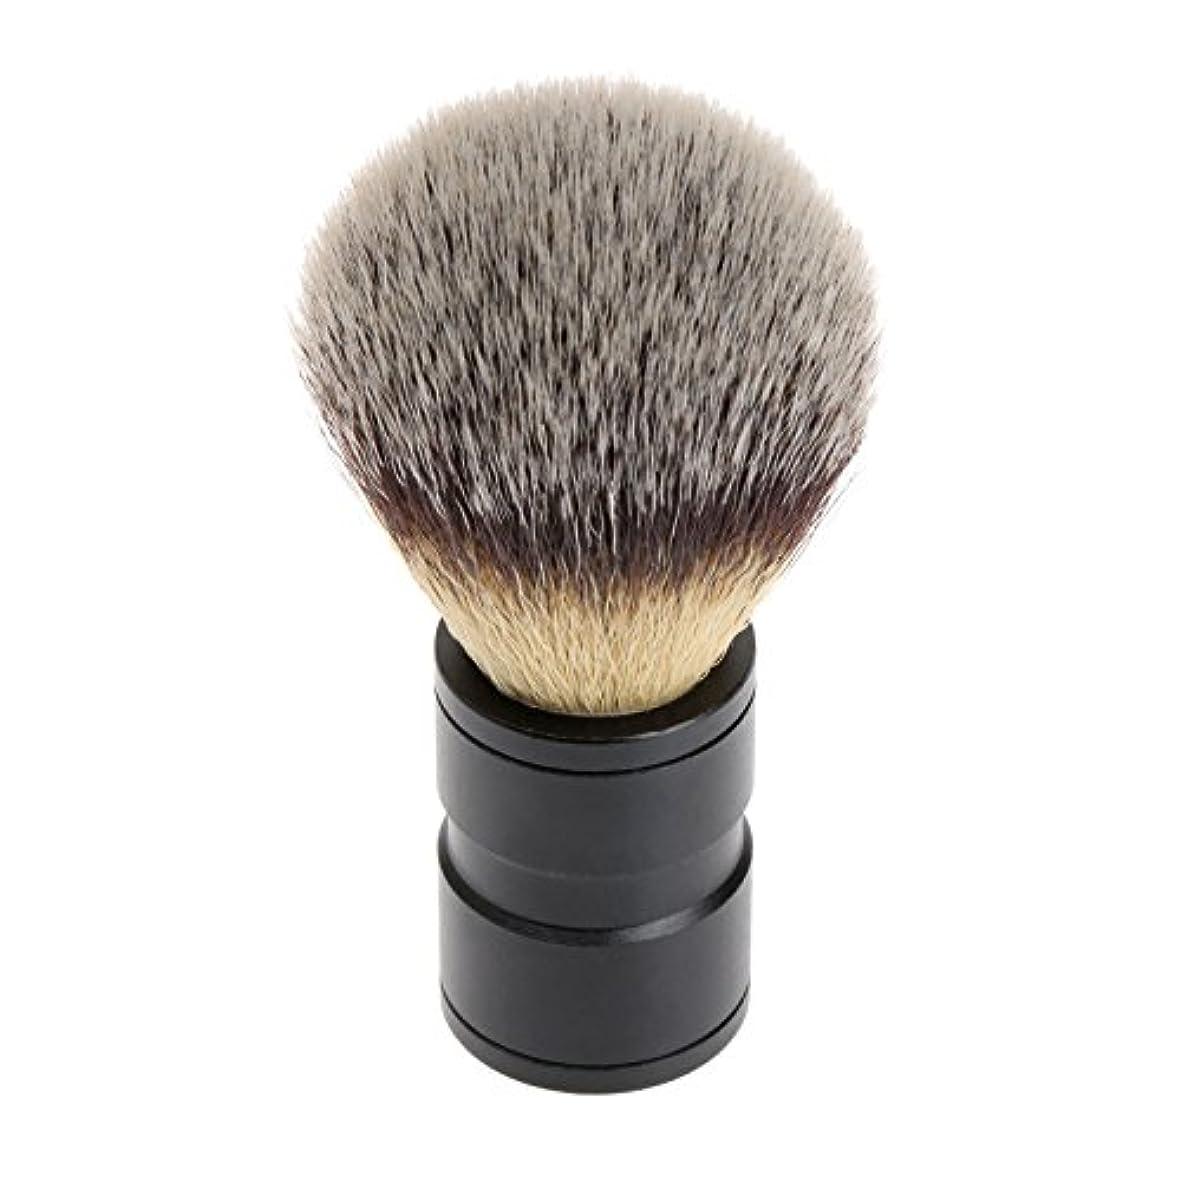 援助独特のシネウィシェービング ブラシ 理容 洗顔 髭剃り マッサージ 効果 ナイロン毛 メンズ